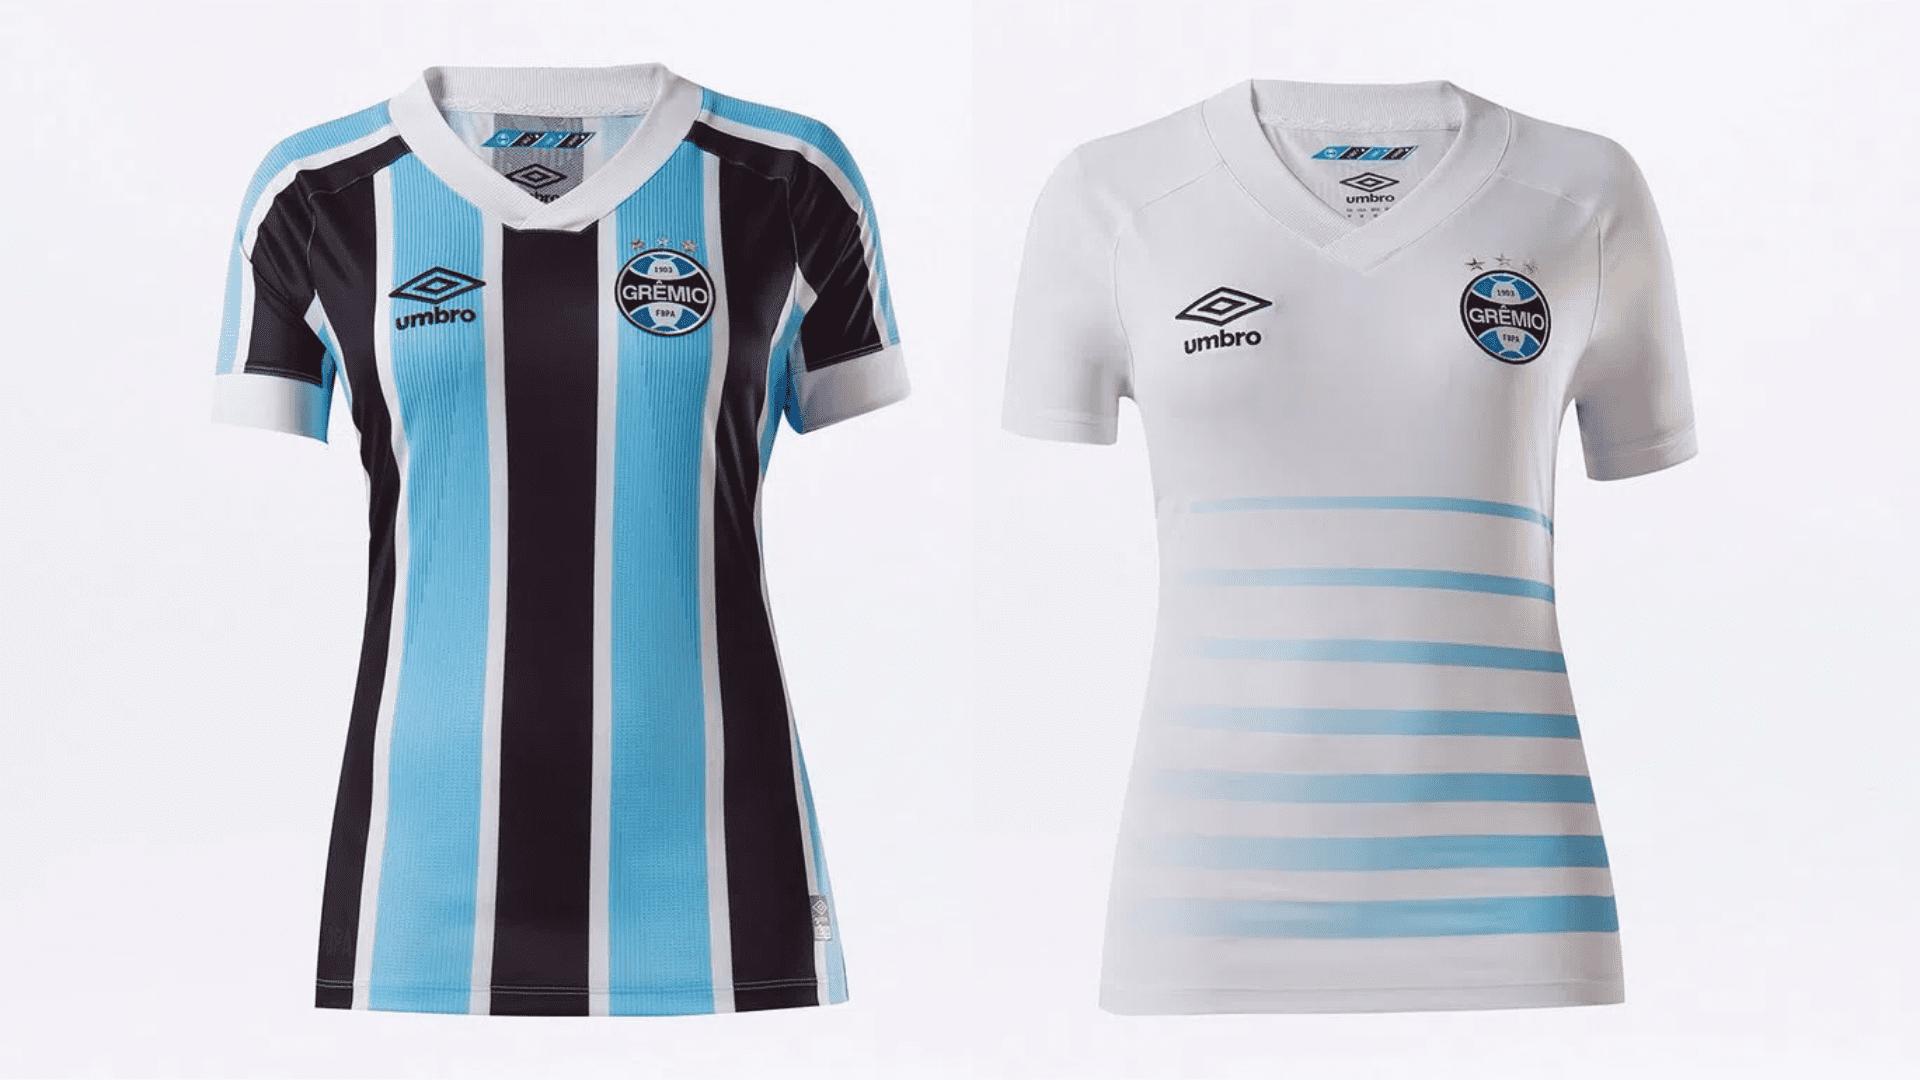 Camisa do Grêmio Feminina 2021 Umbro Jogo 1 e 2 (Imagem: Divulgação/Umbro)